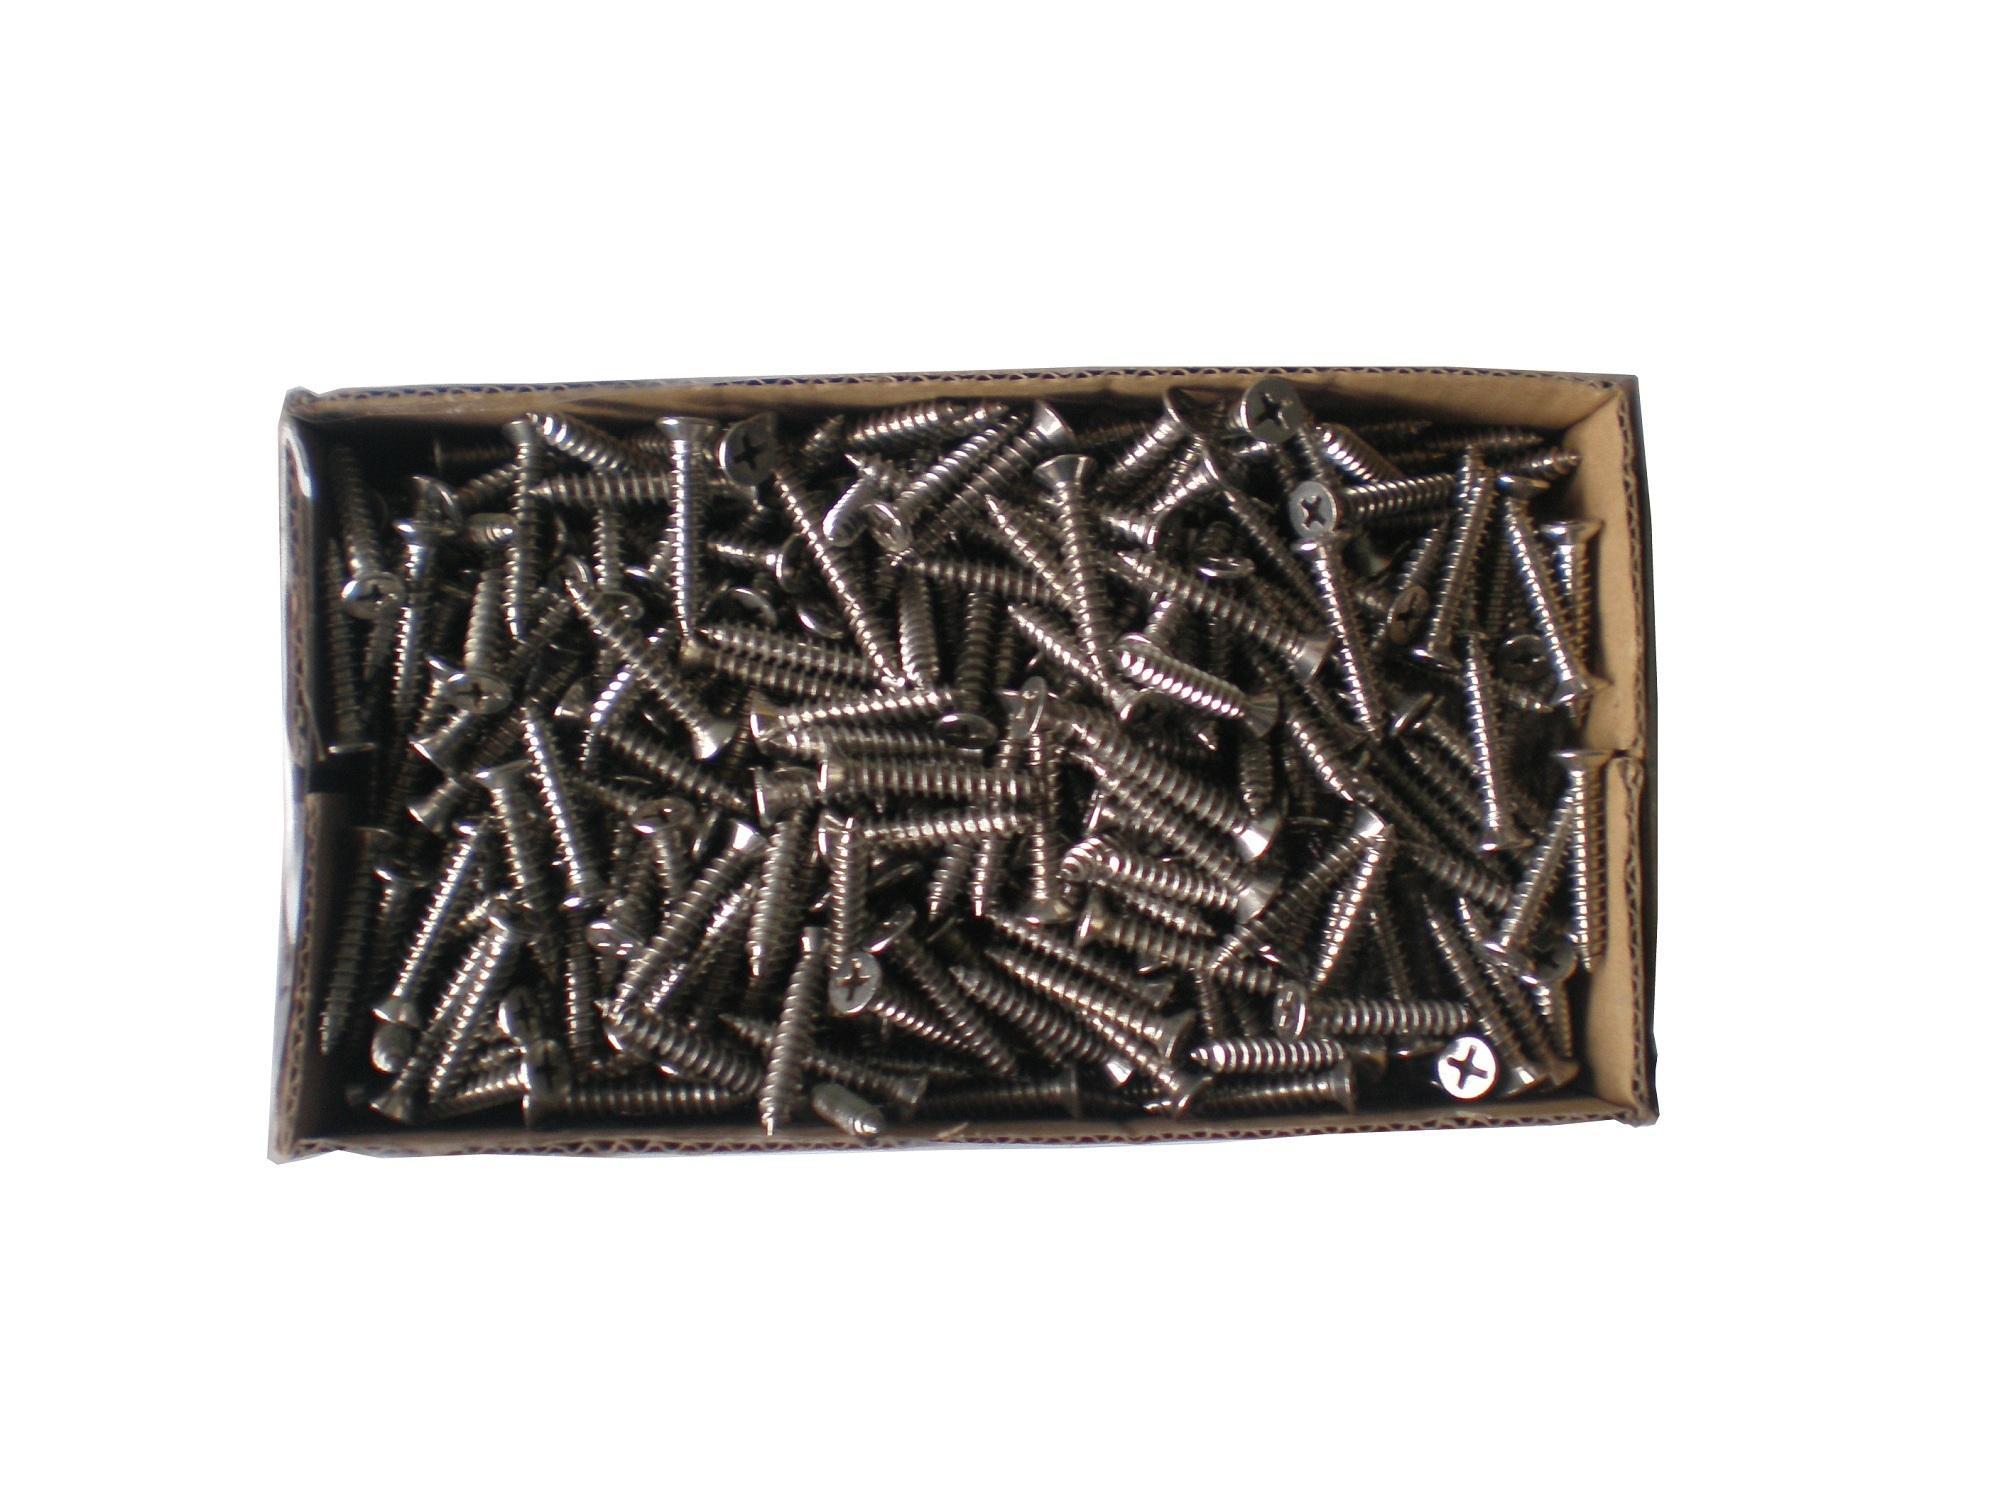 Bộ 100 vít inox 4x25mm